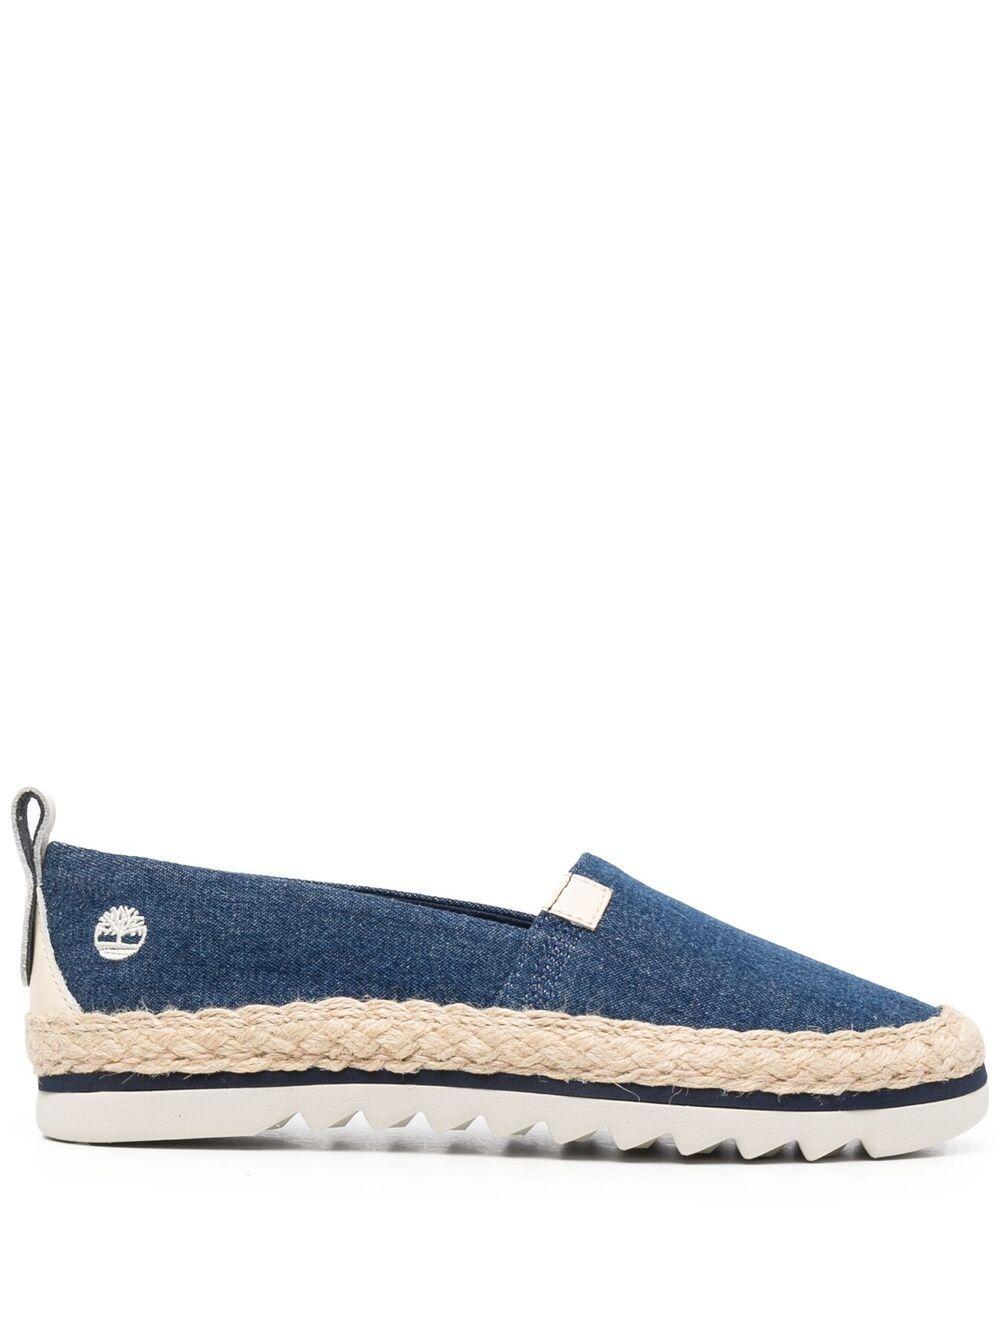 Timberland scarpe basse denim